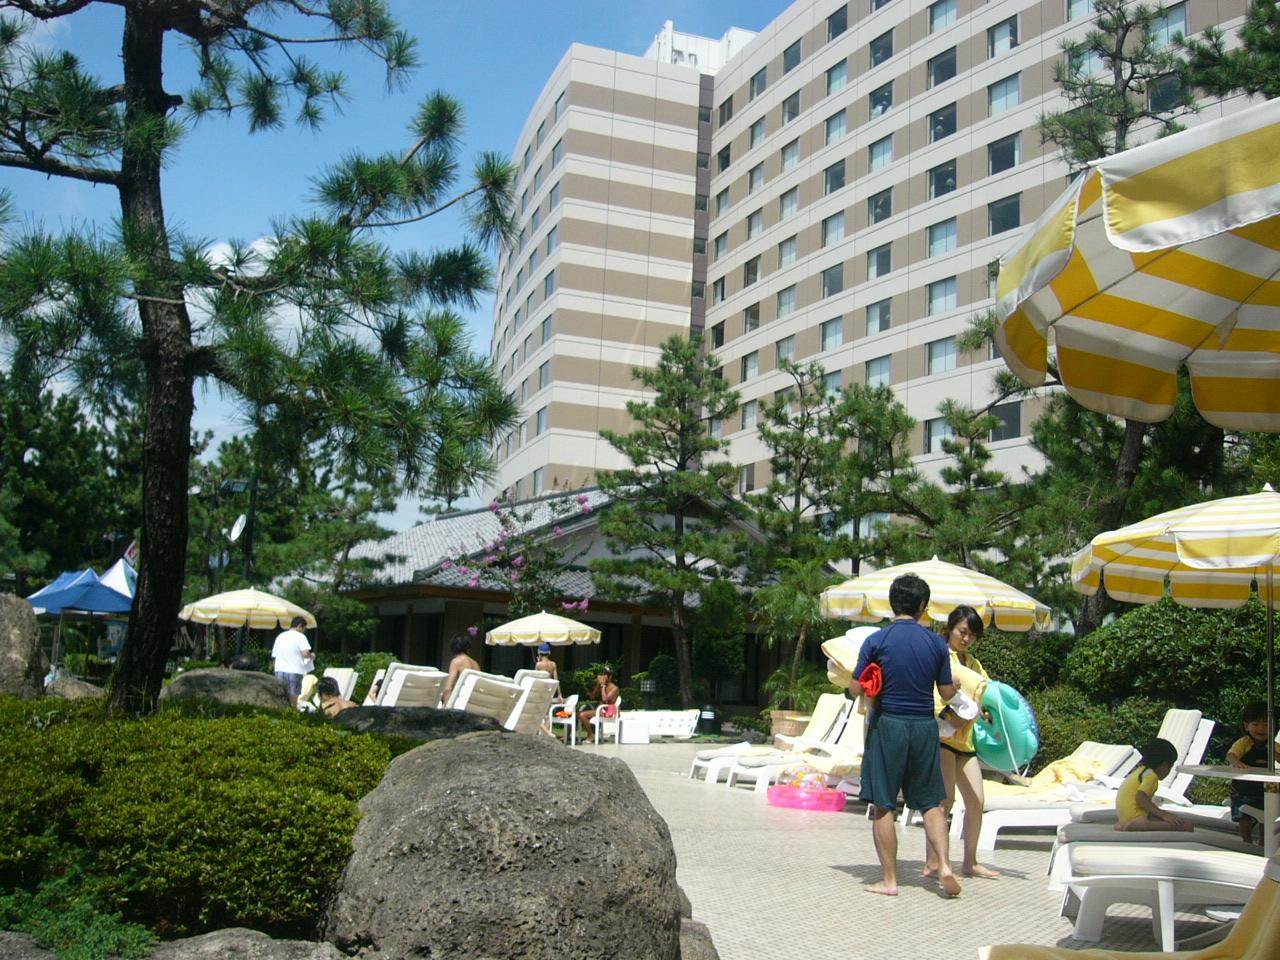 夏休み最後のおでかけ ヒルトンのプールは寒かった』東京ディズニー